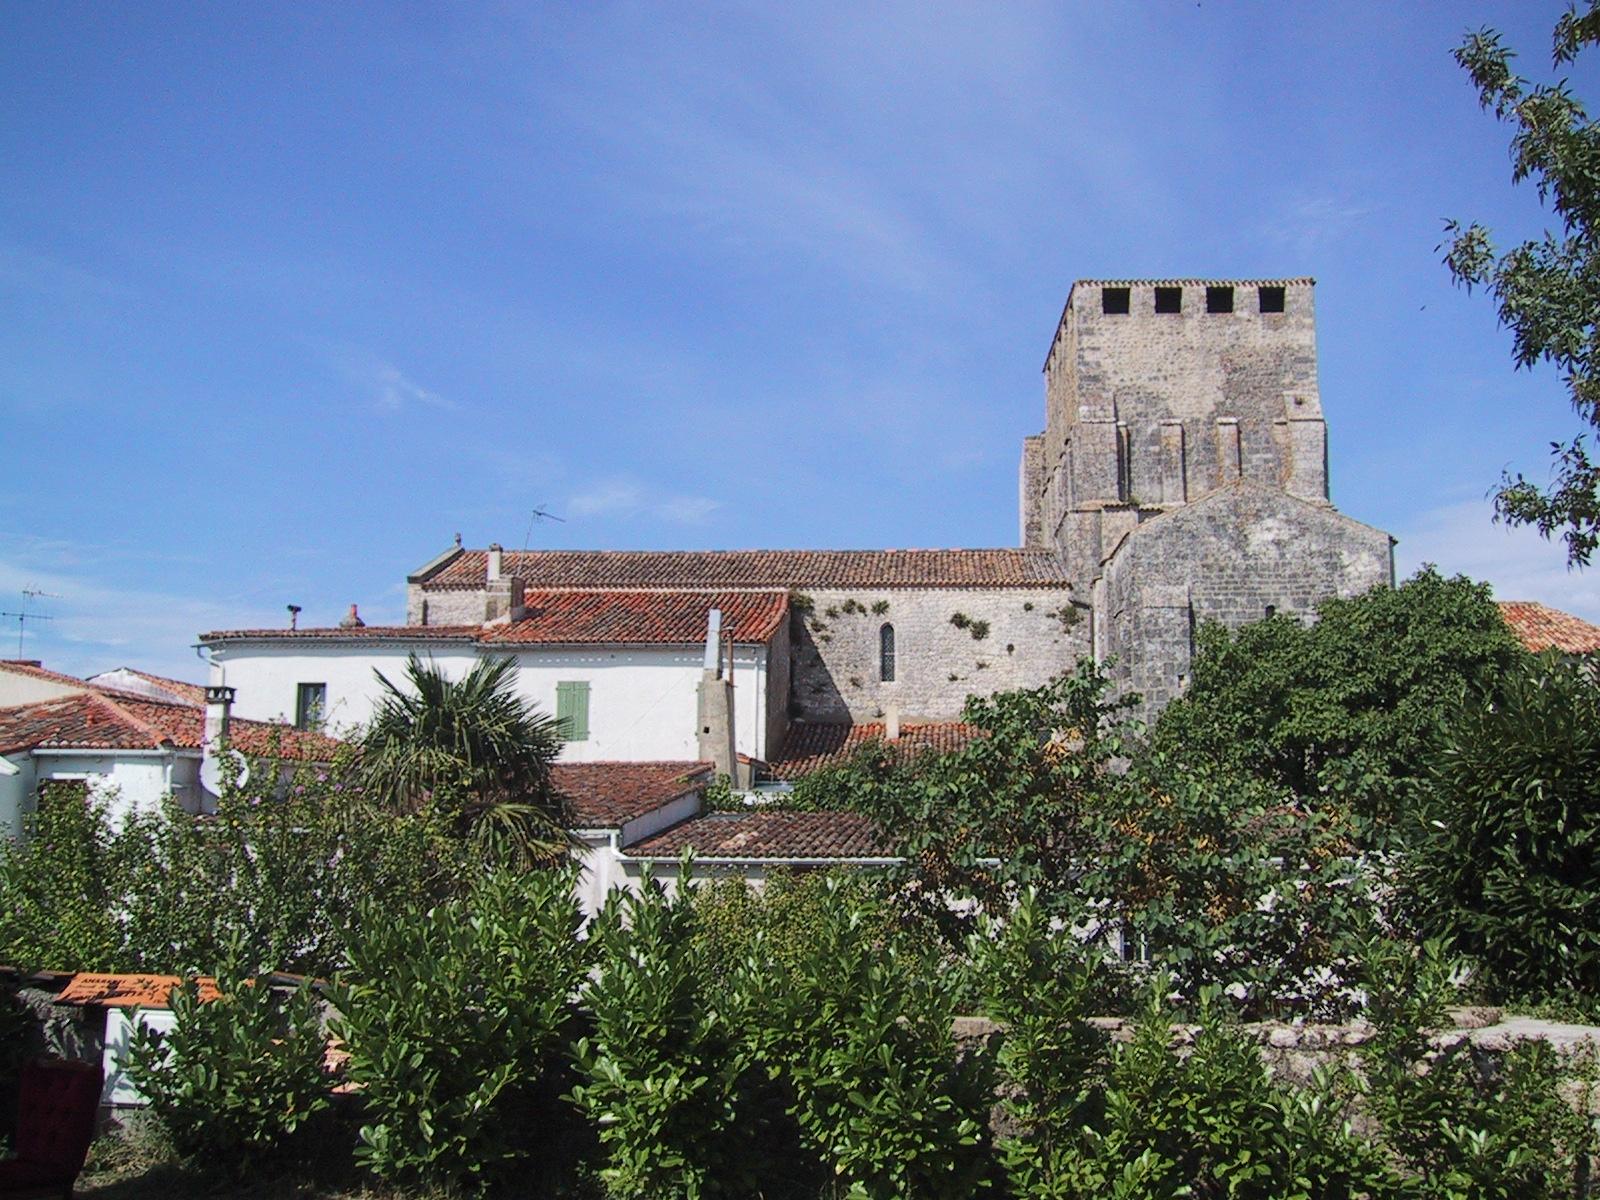 """Mornac-sur-Seudre, Charente-maritime (17), Poitou-Charentes, France. Classé parmi les """" Plus Beaux Villages de France """". Eglise Saint Pierre, église fortifiée du XIe siècle. CC-BY-SA  Salix"""